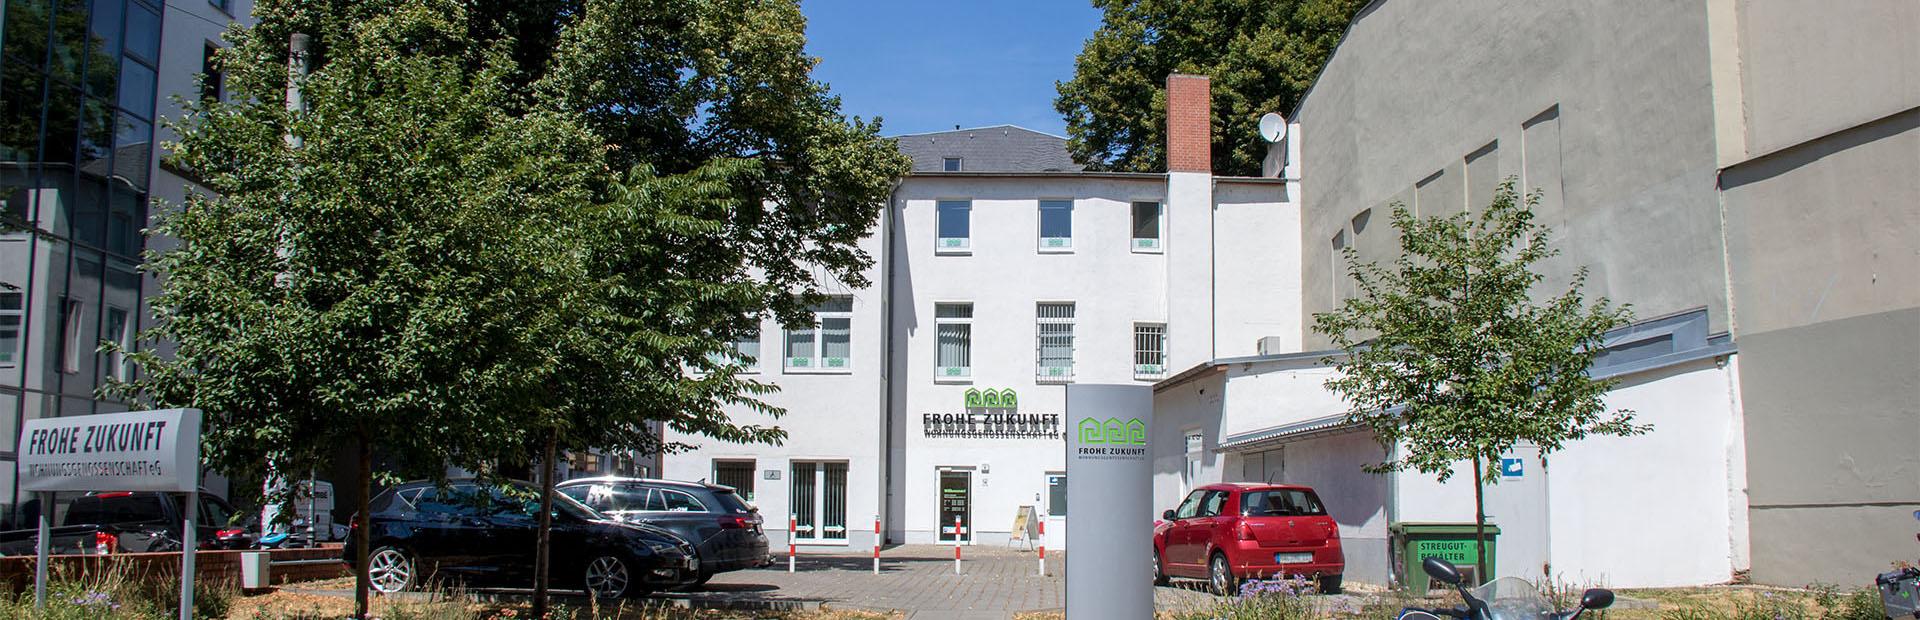 FROHE ZUKUNFT Wohn- und Spargeschäft